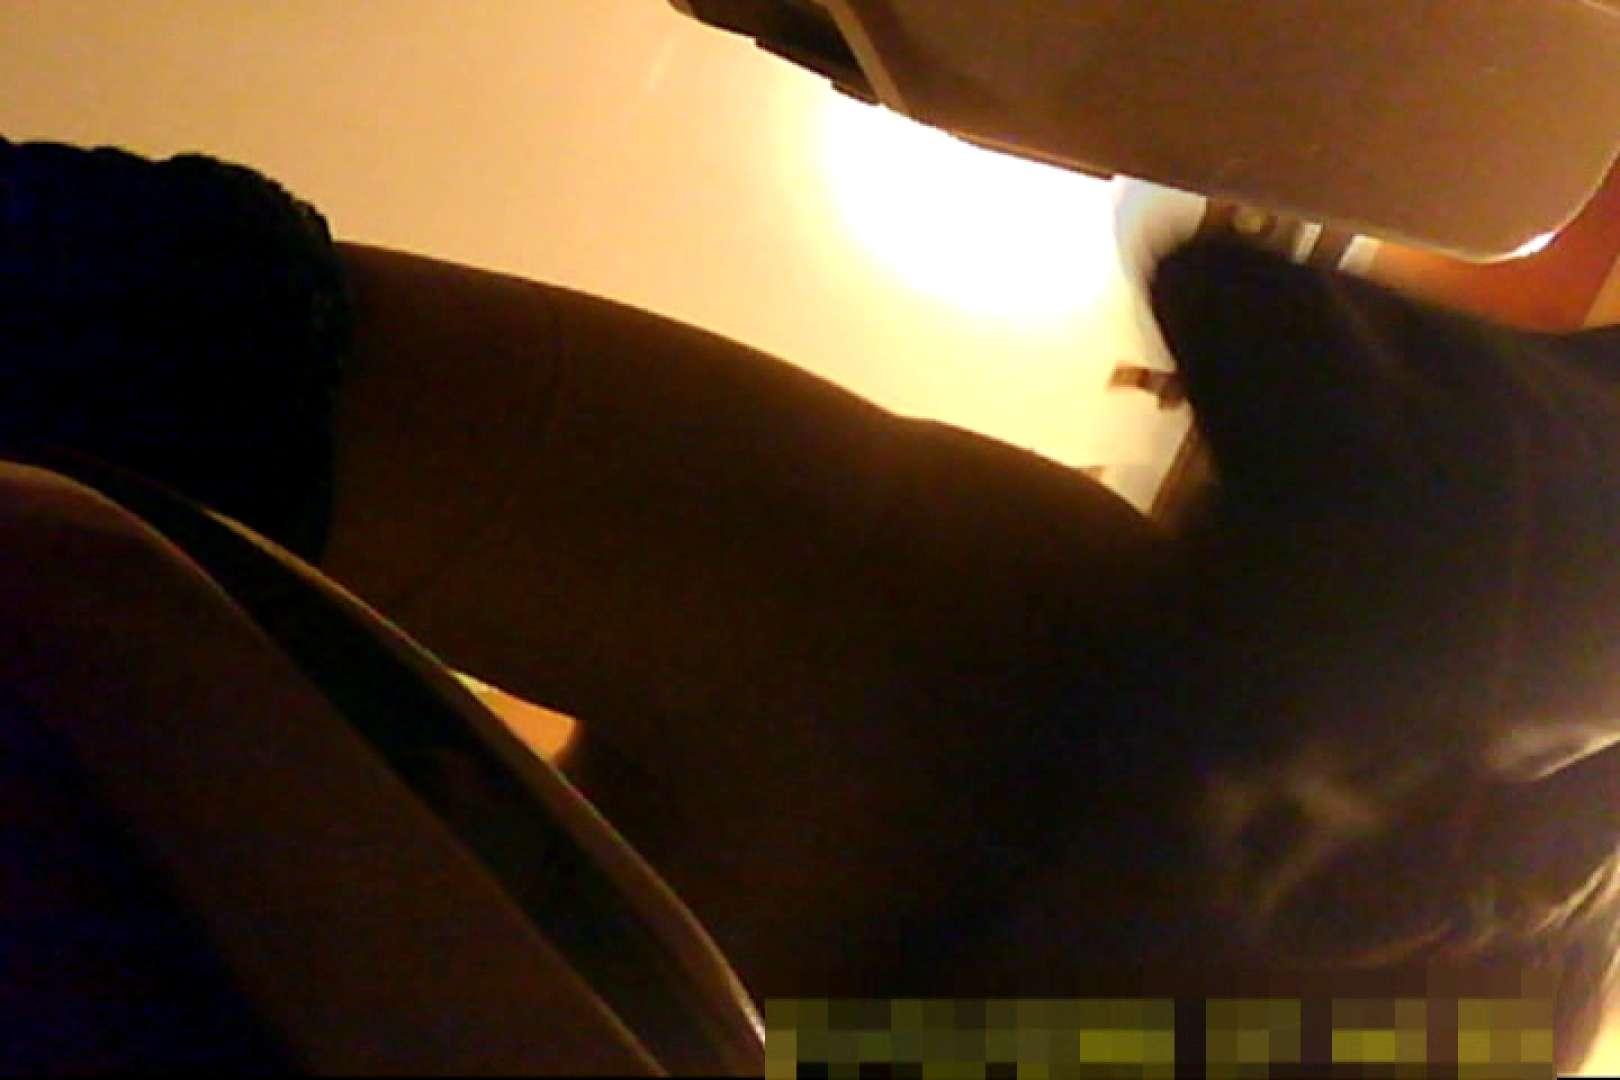 魅惑の化粧室~禁断のプライベート空間~vol.8 熟女 覗きおまんこ画像 89画像 6